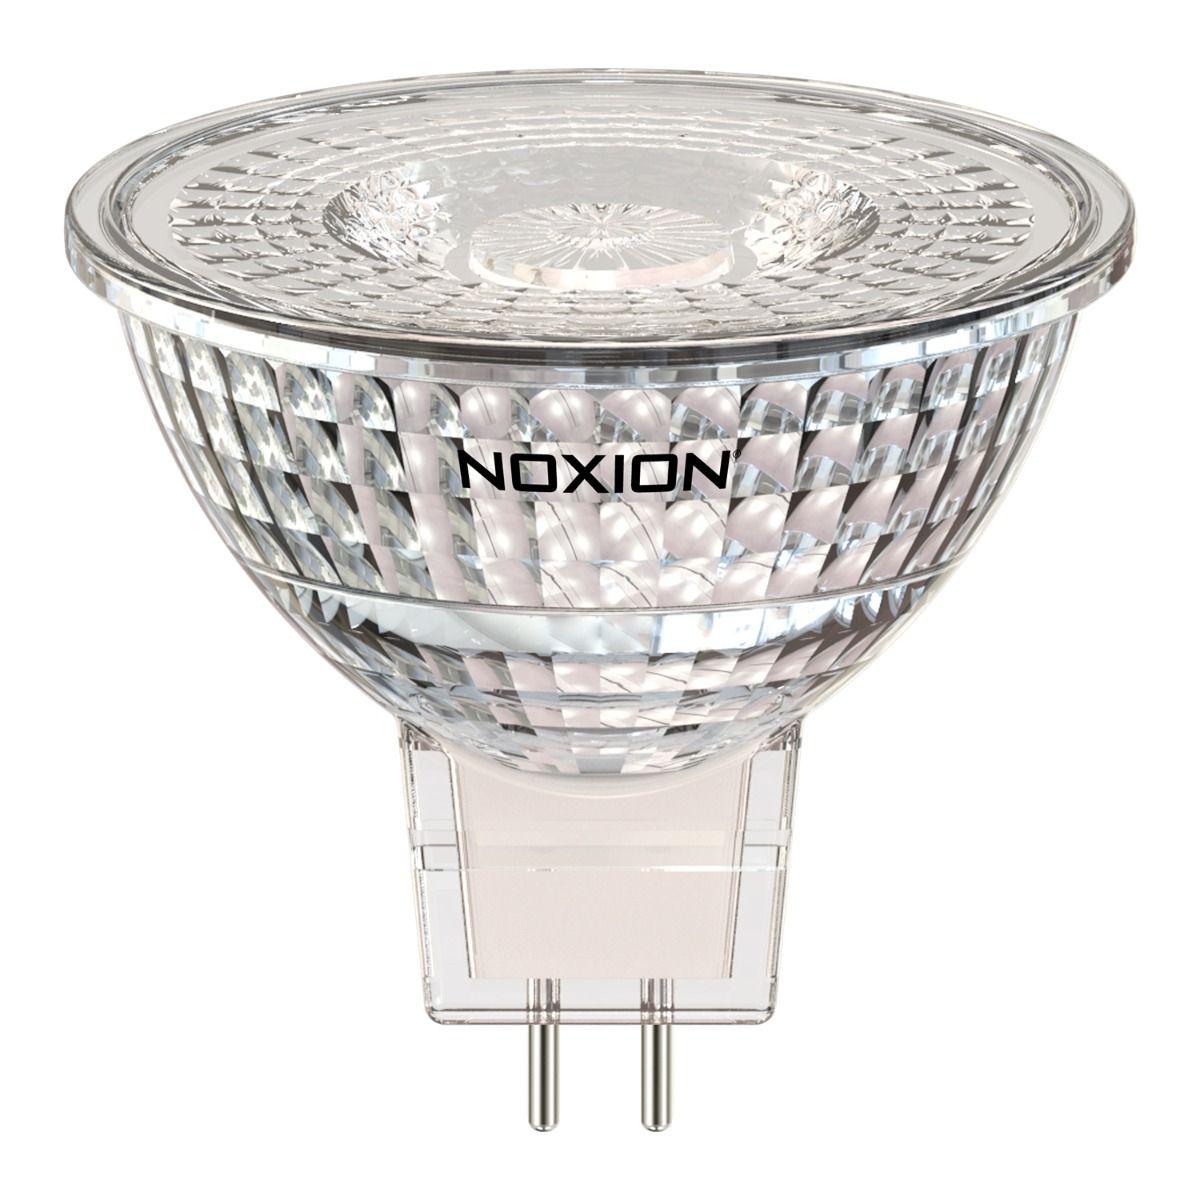 Noxion LED Spot GU5.3 5W 830 60D 470lm | Dimbaar - Vervanger voor 35W